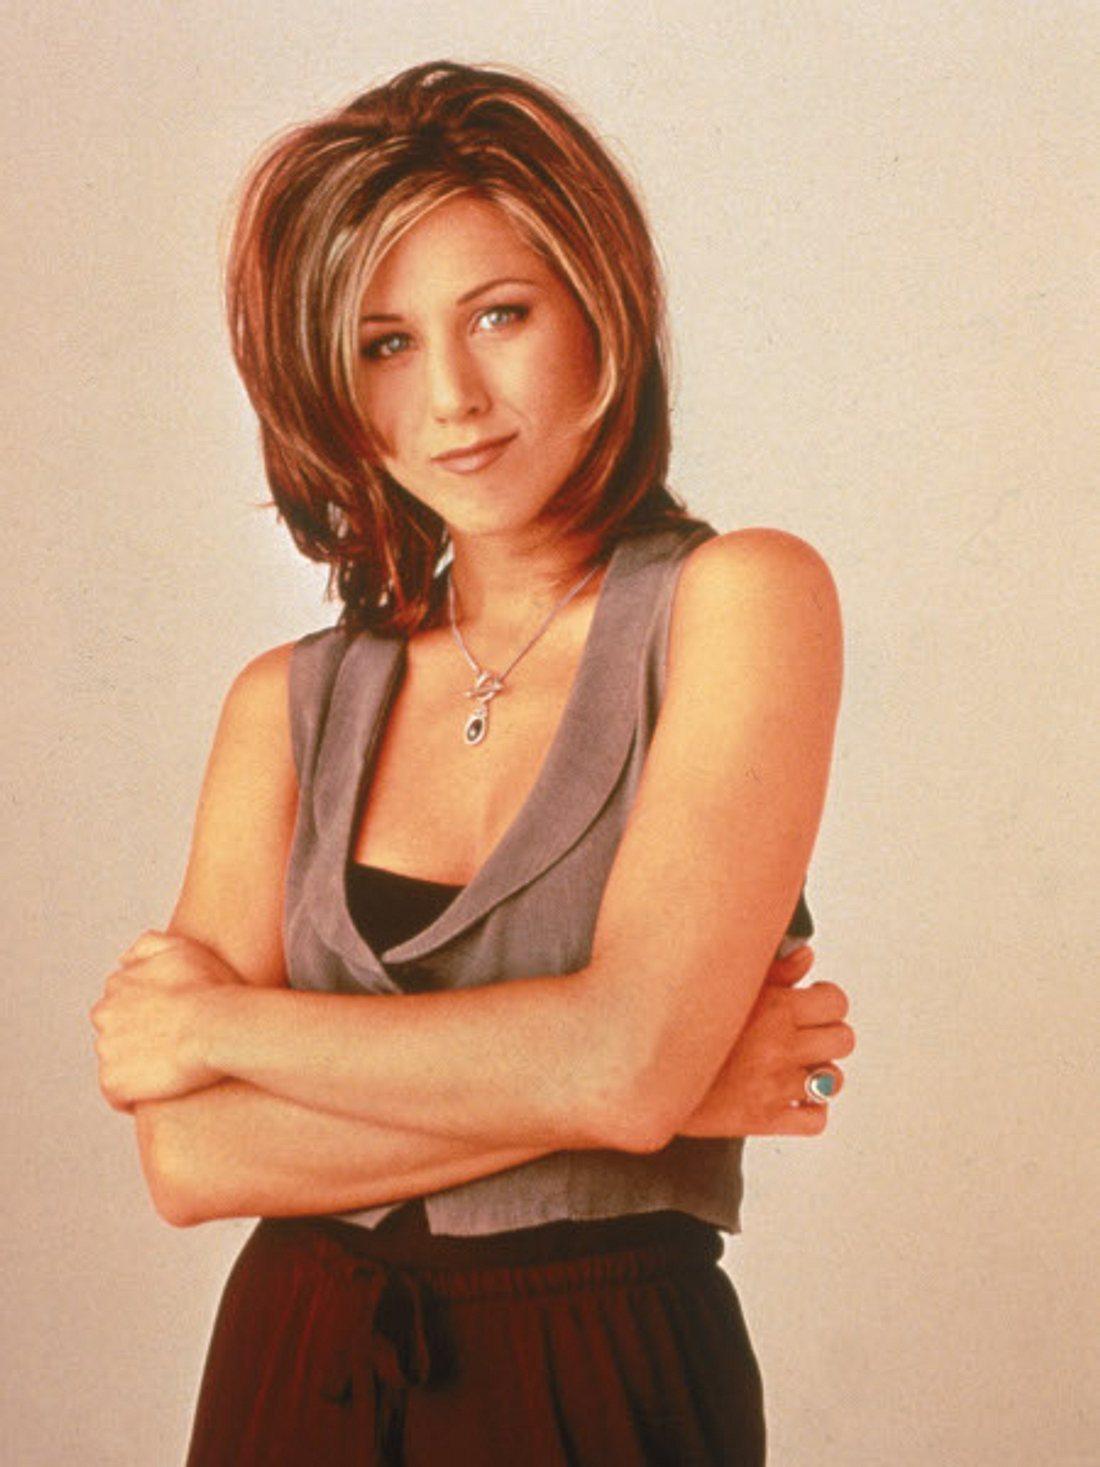 Der Look von Jennifer Aniston - Bild 1